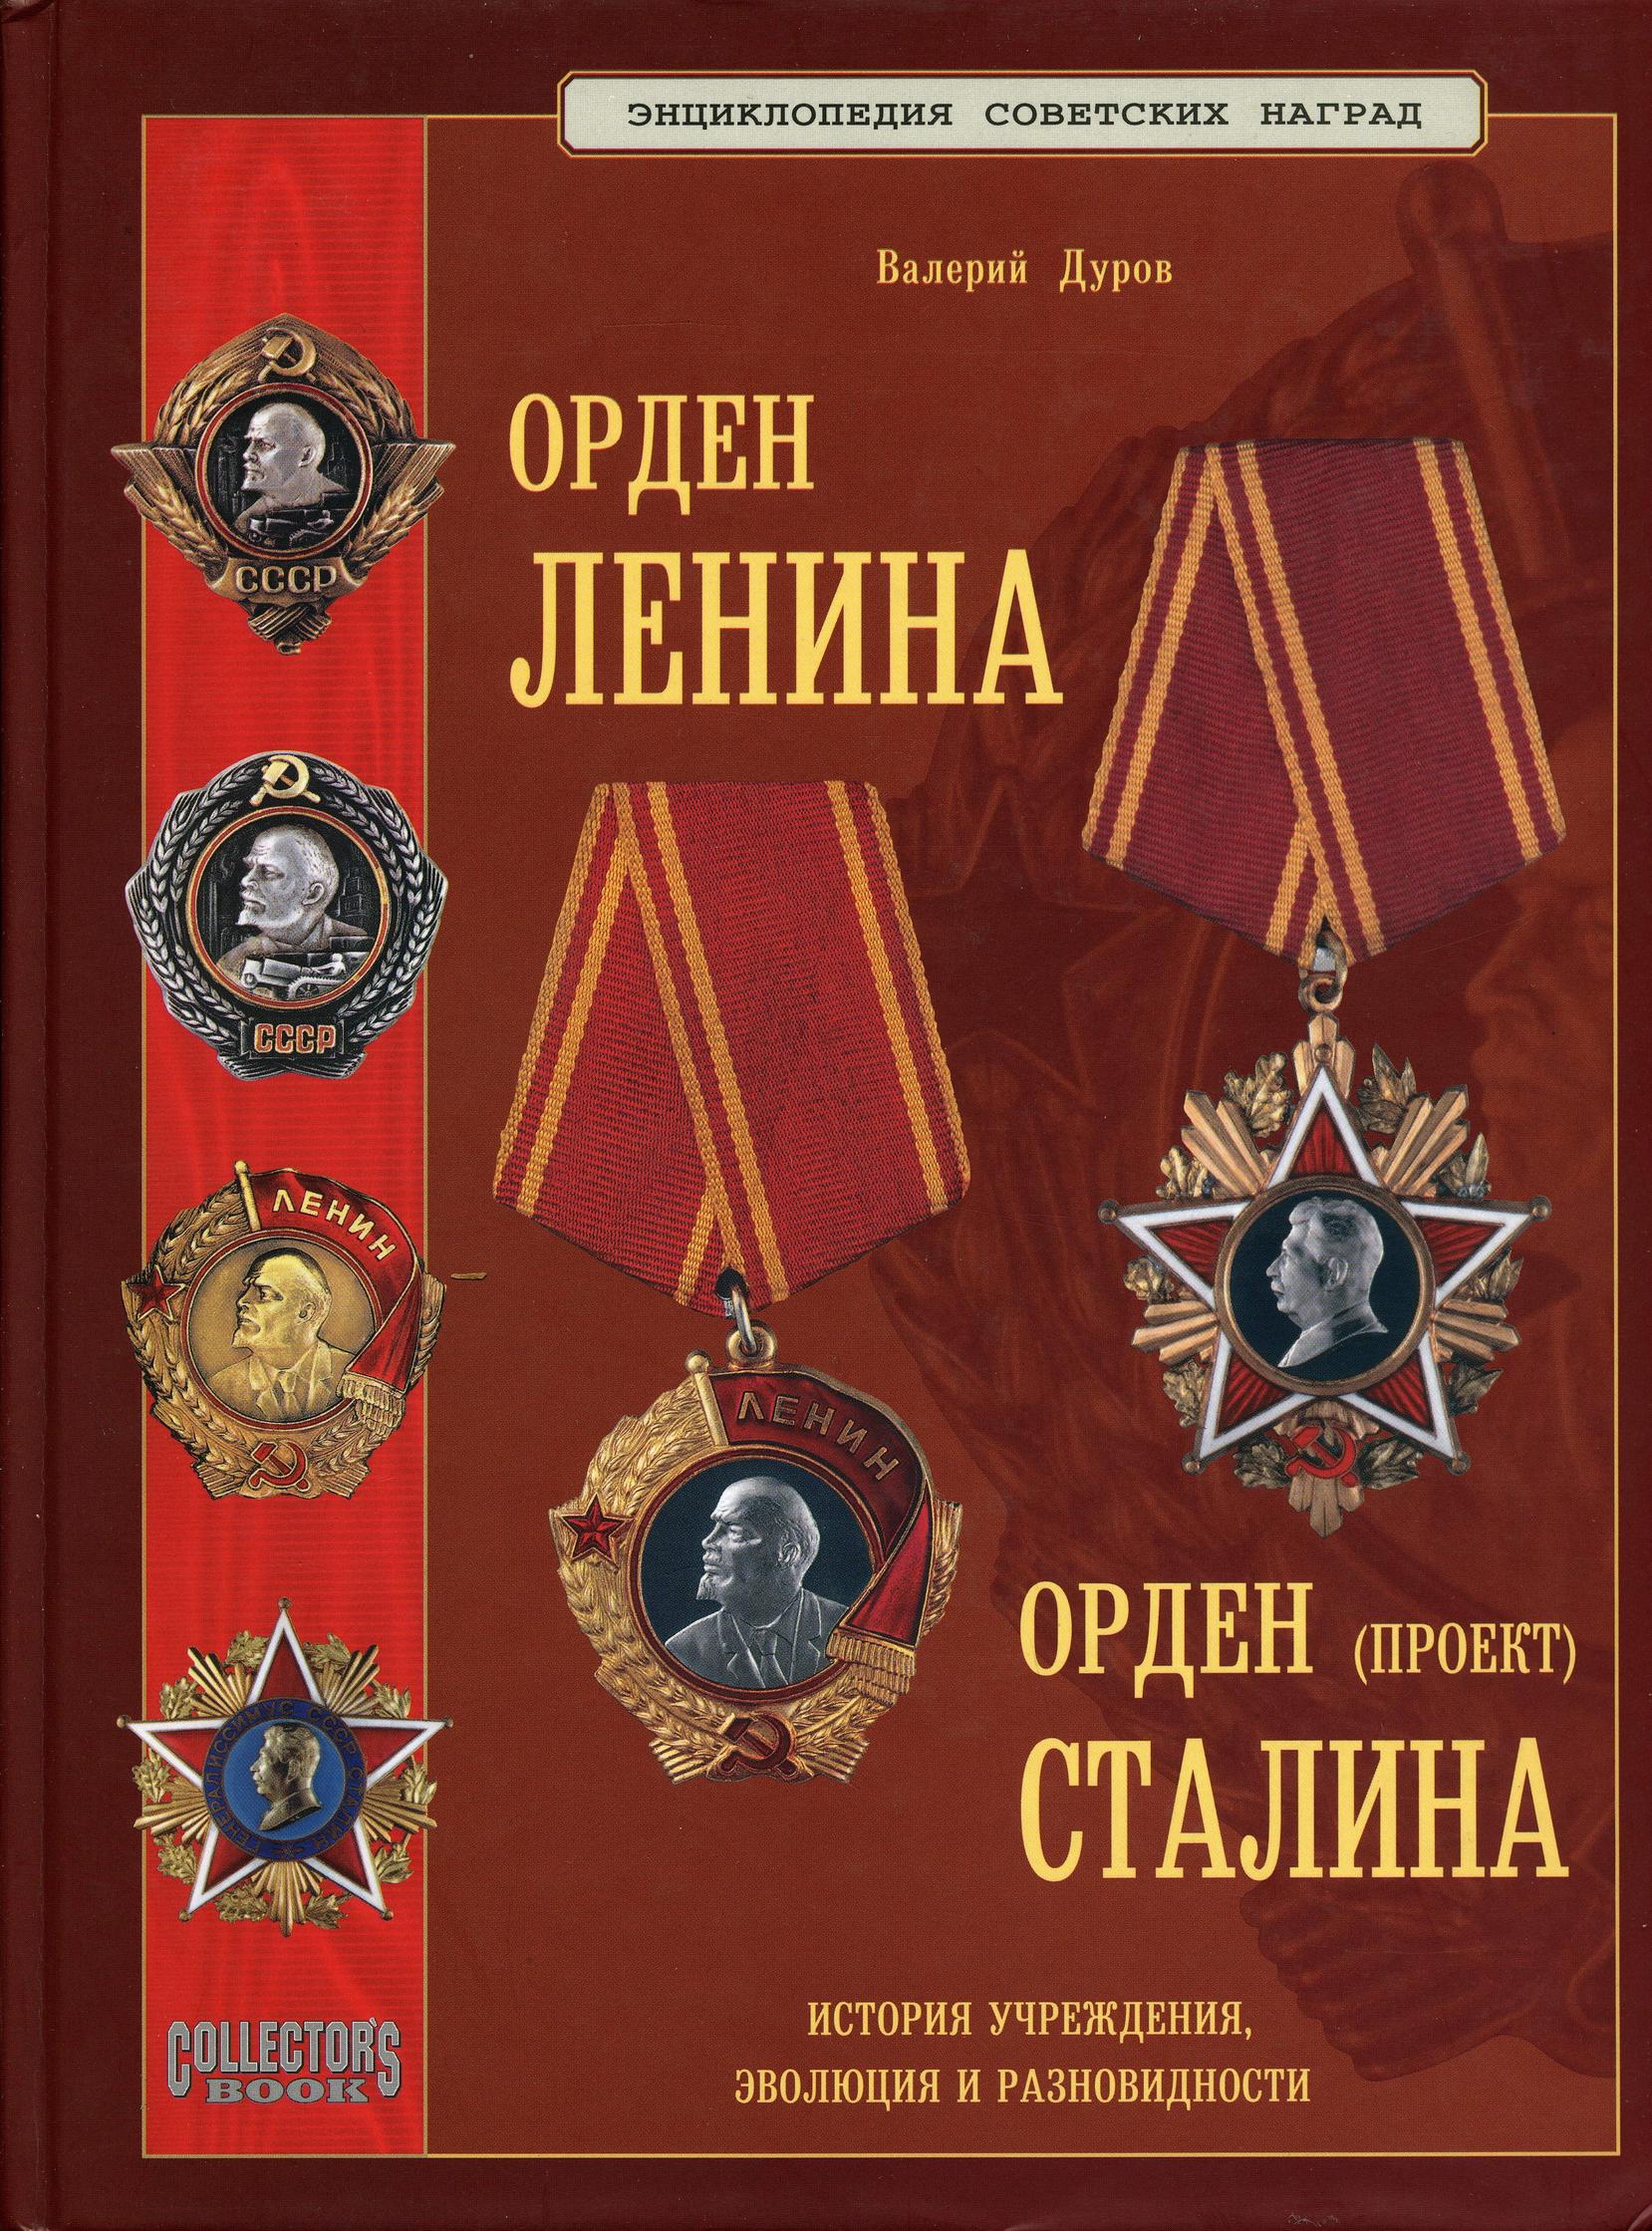 Орден Ленина. В.А.Дуров